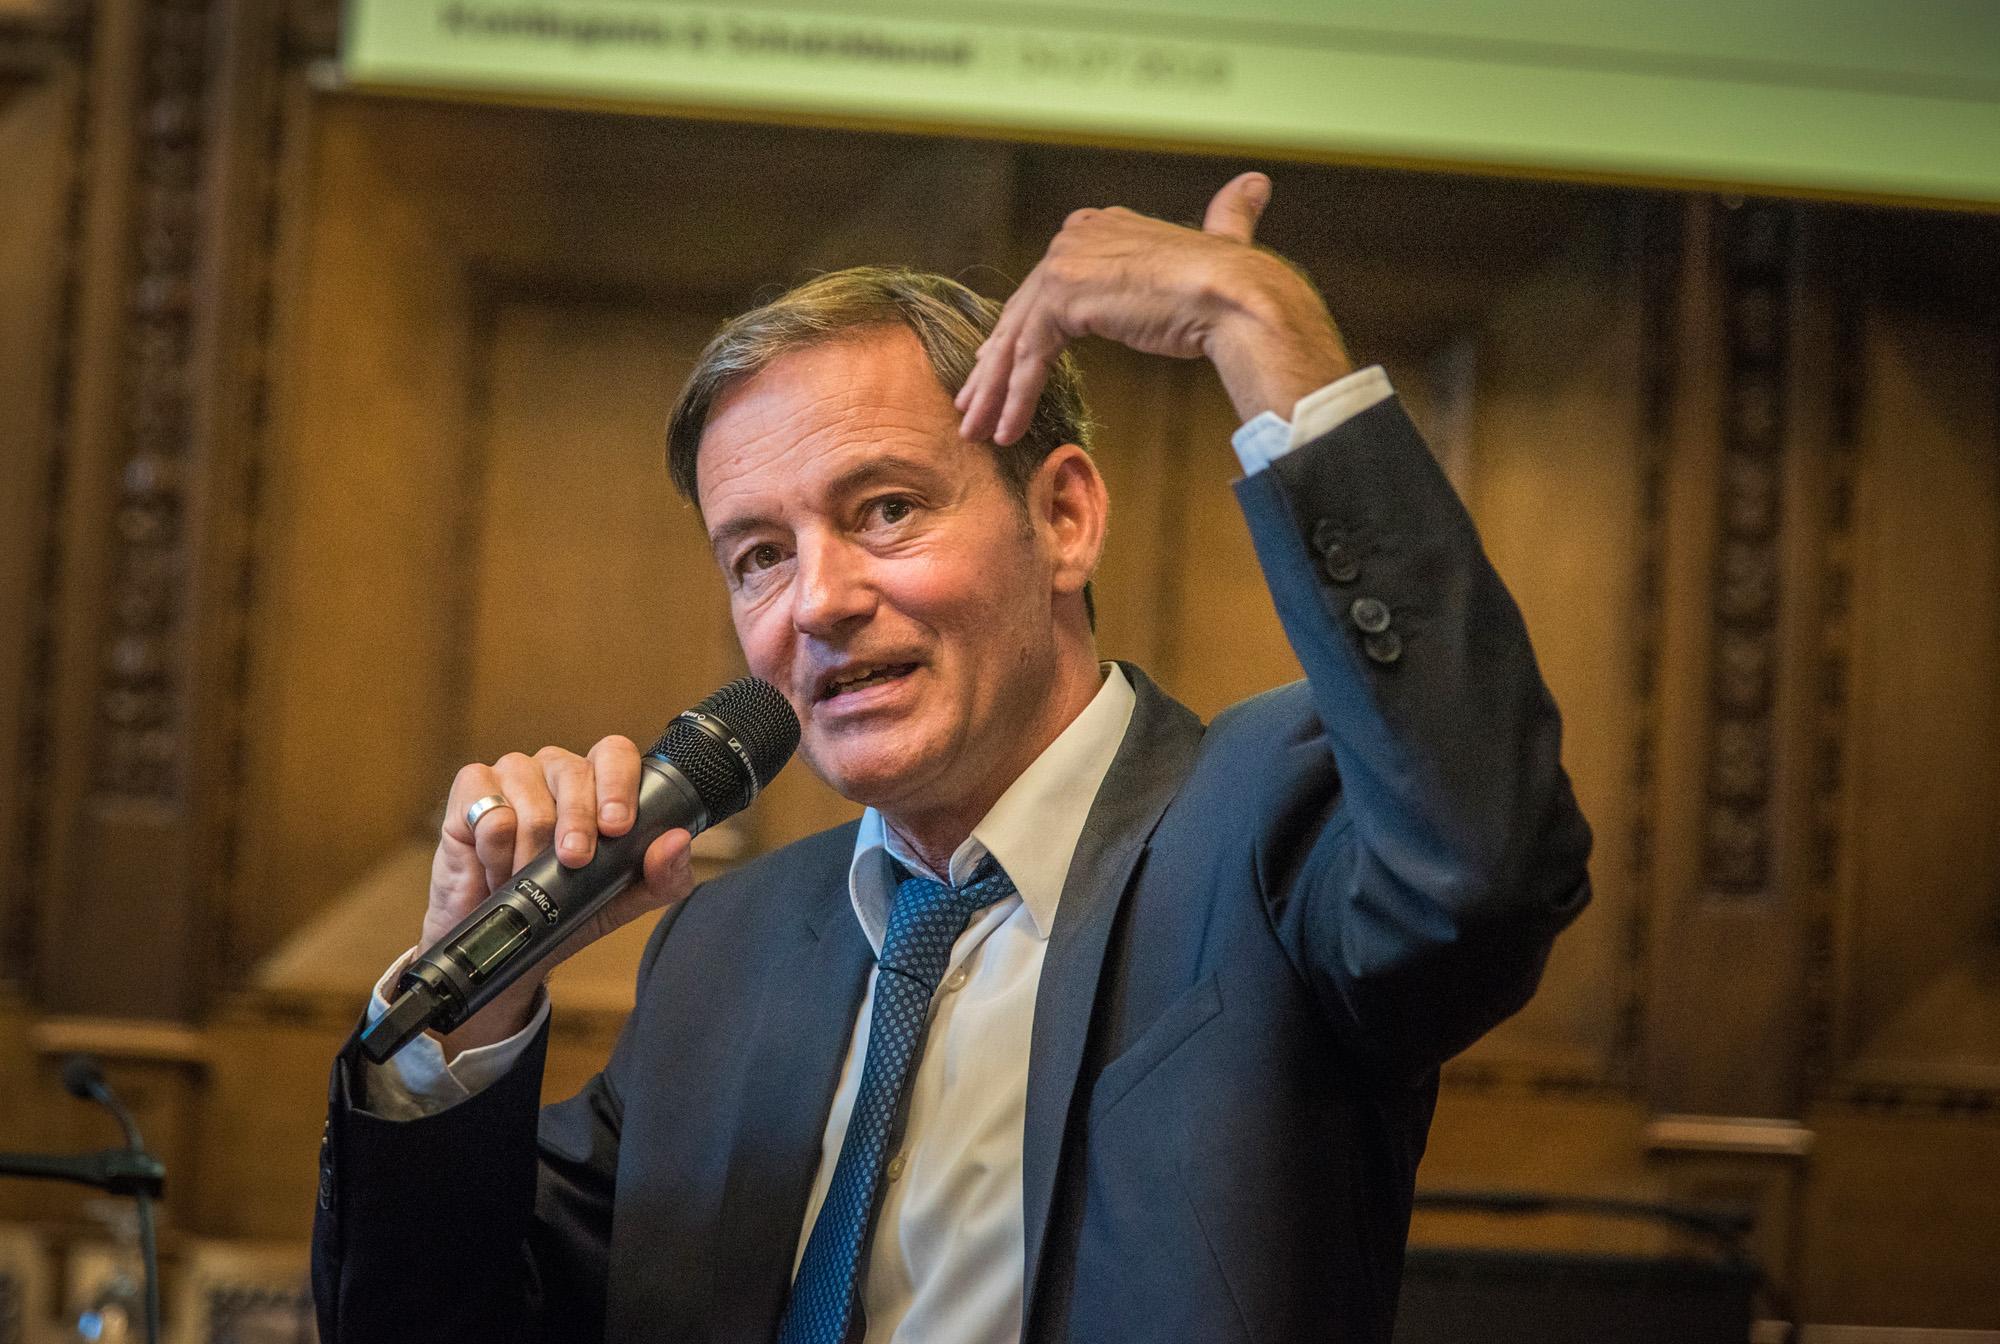 Nationalrat und nebs-Co-Präsident Martin Naef bei seinem Referat.